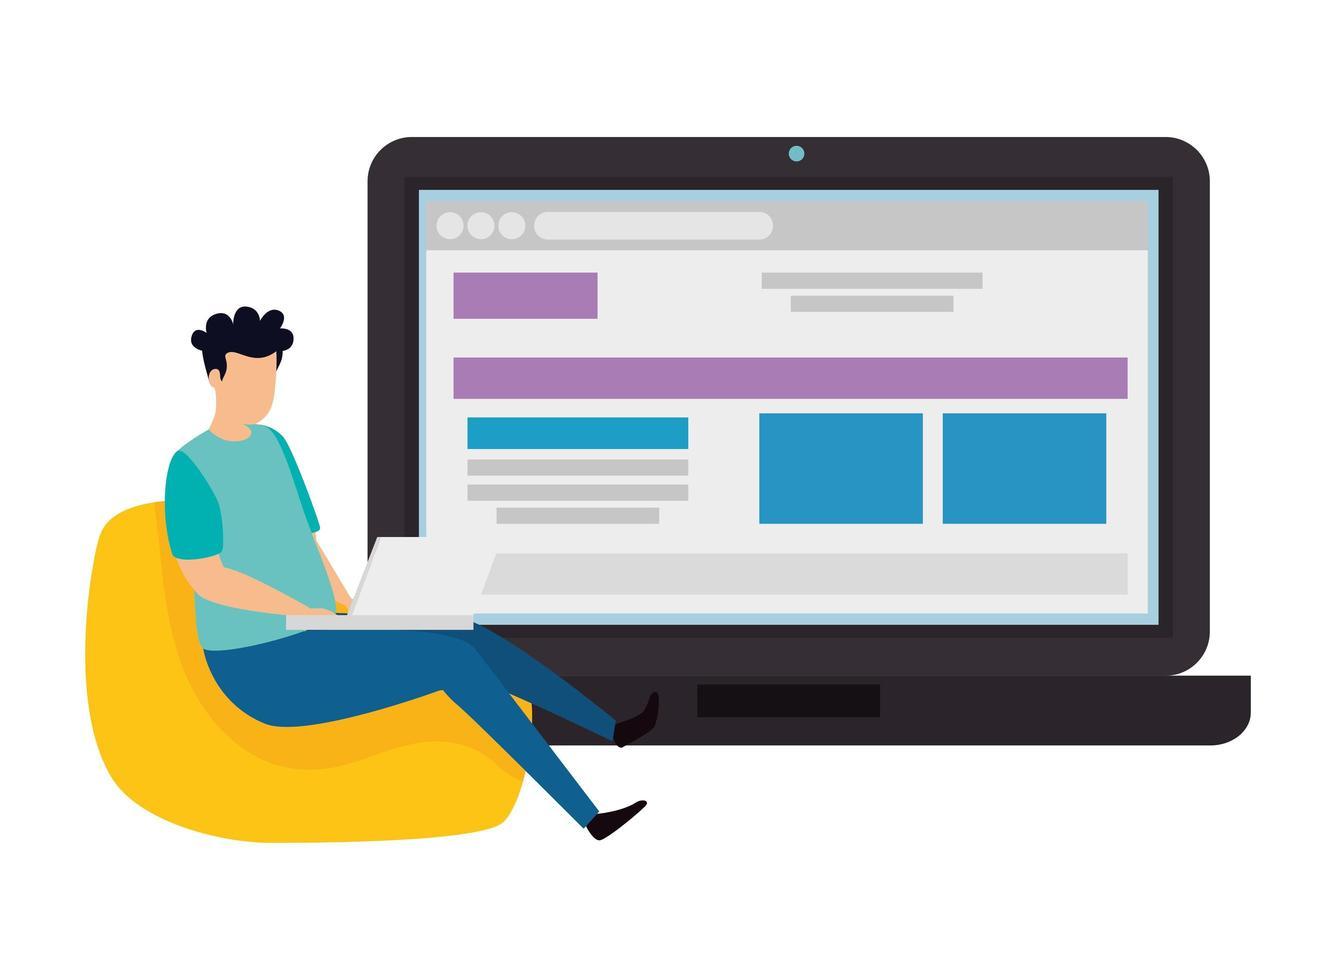 man en laptop met webpagina vector